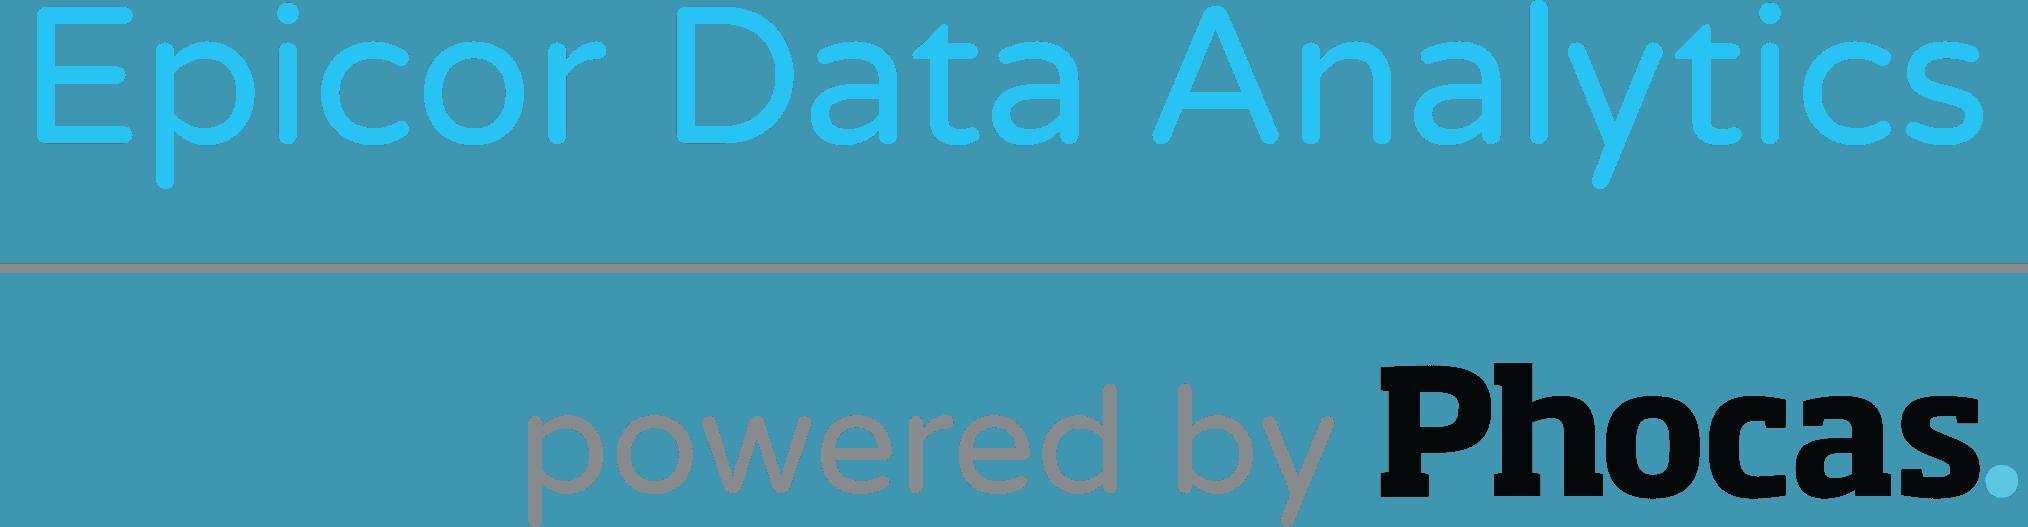 eda-by-phocas-logo